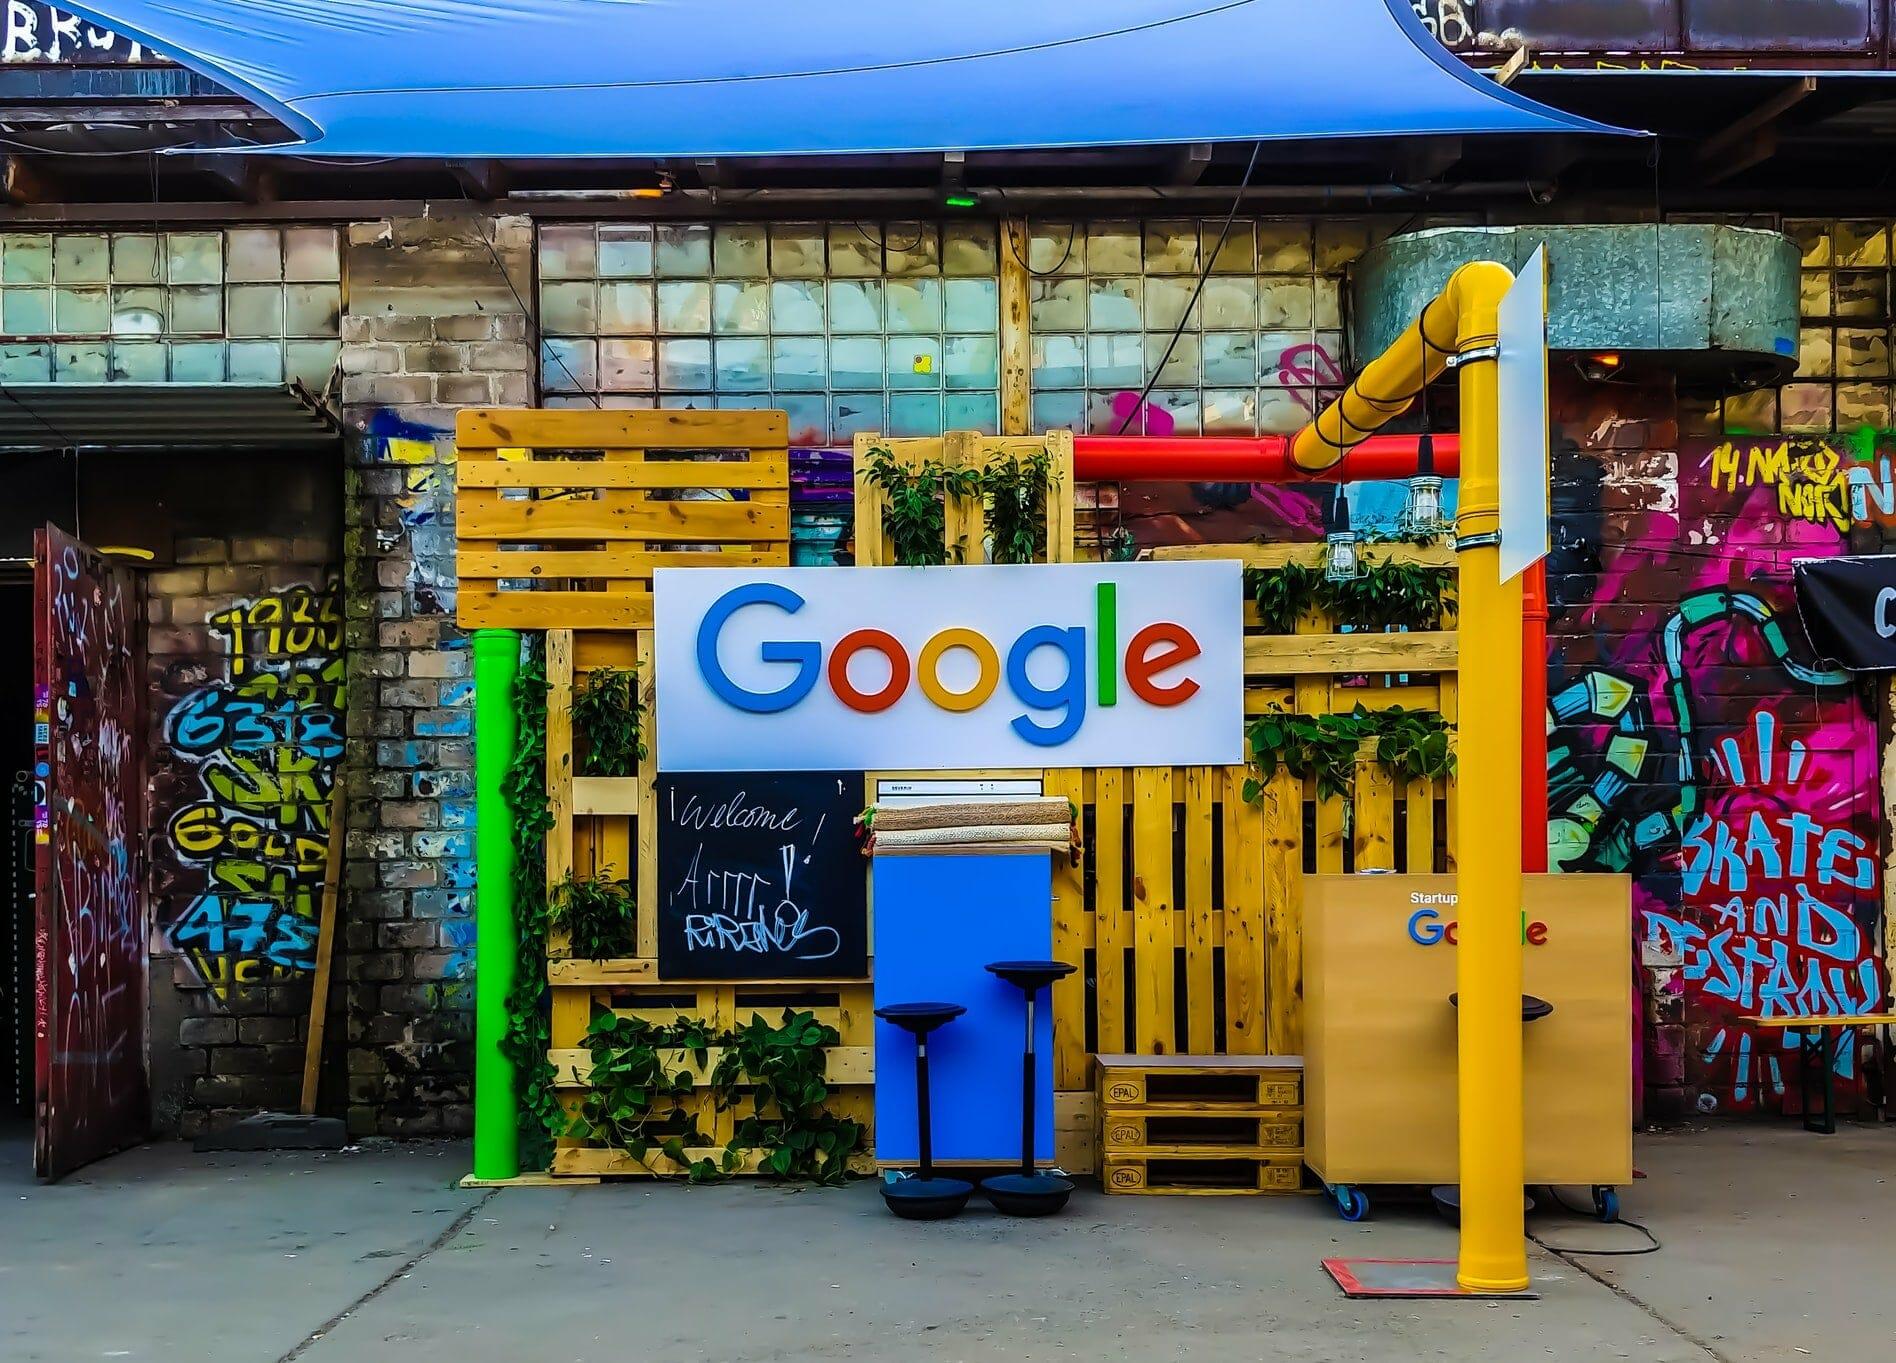 Google-Play-Filme-Serien-verabschiedet-sich-am-15-Juni-2021-von-Smart-TVs